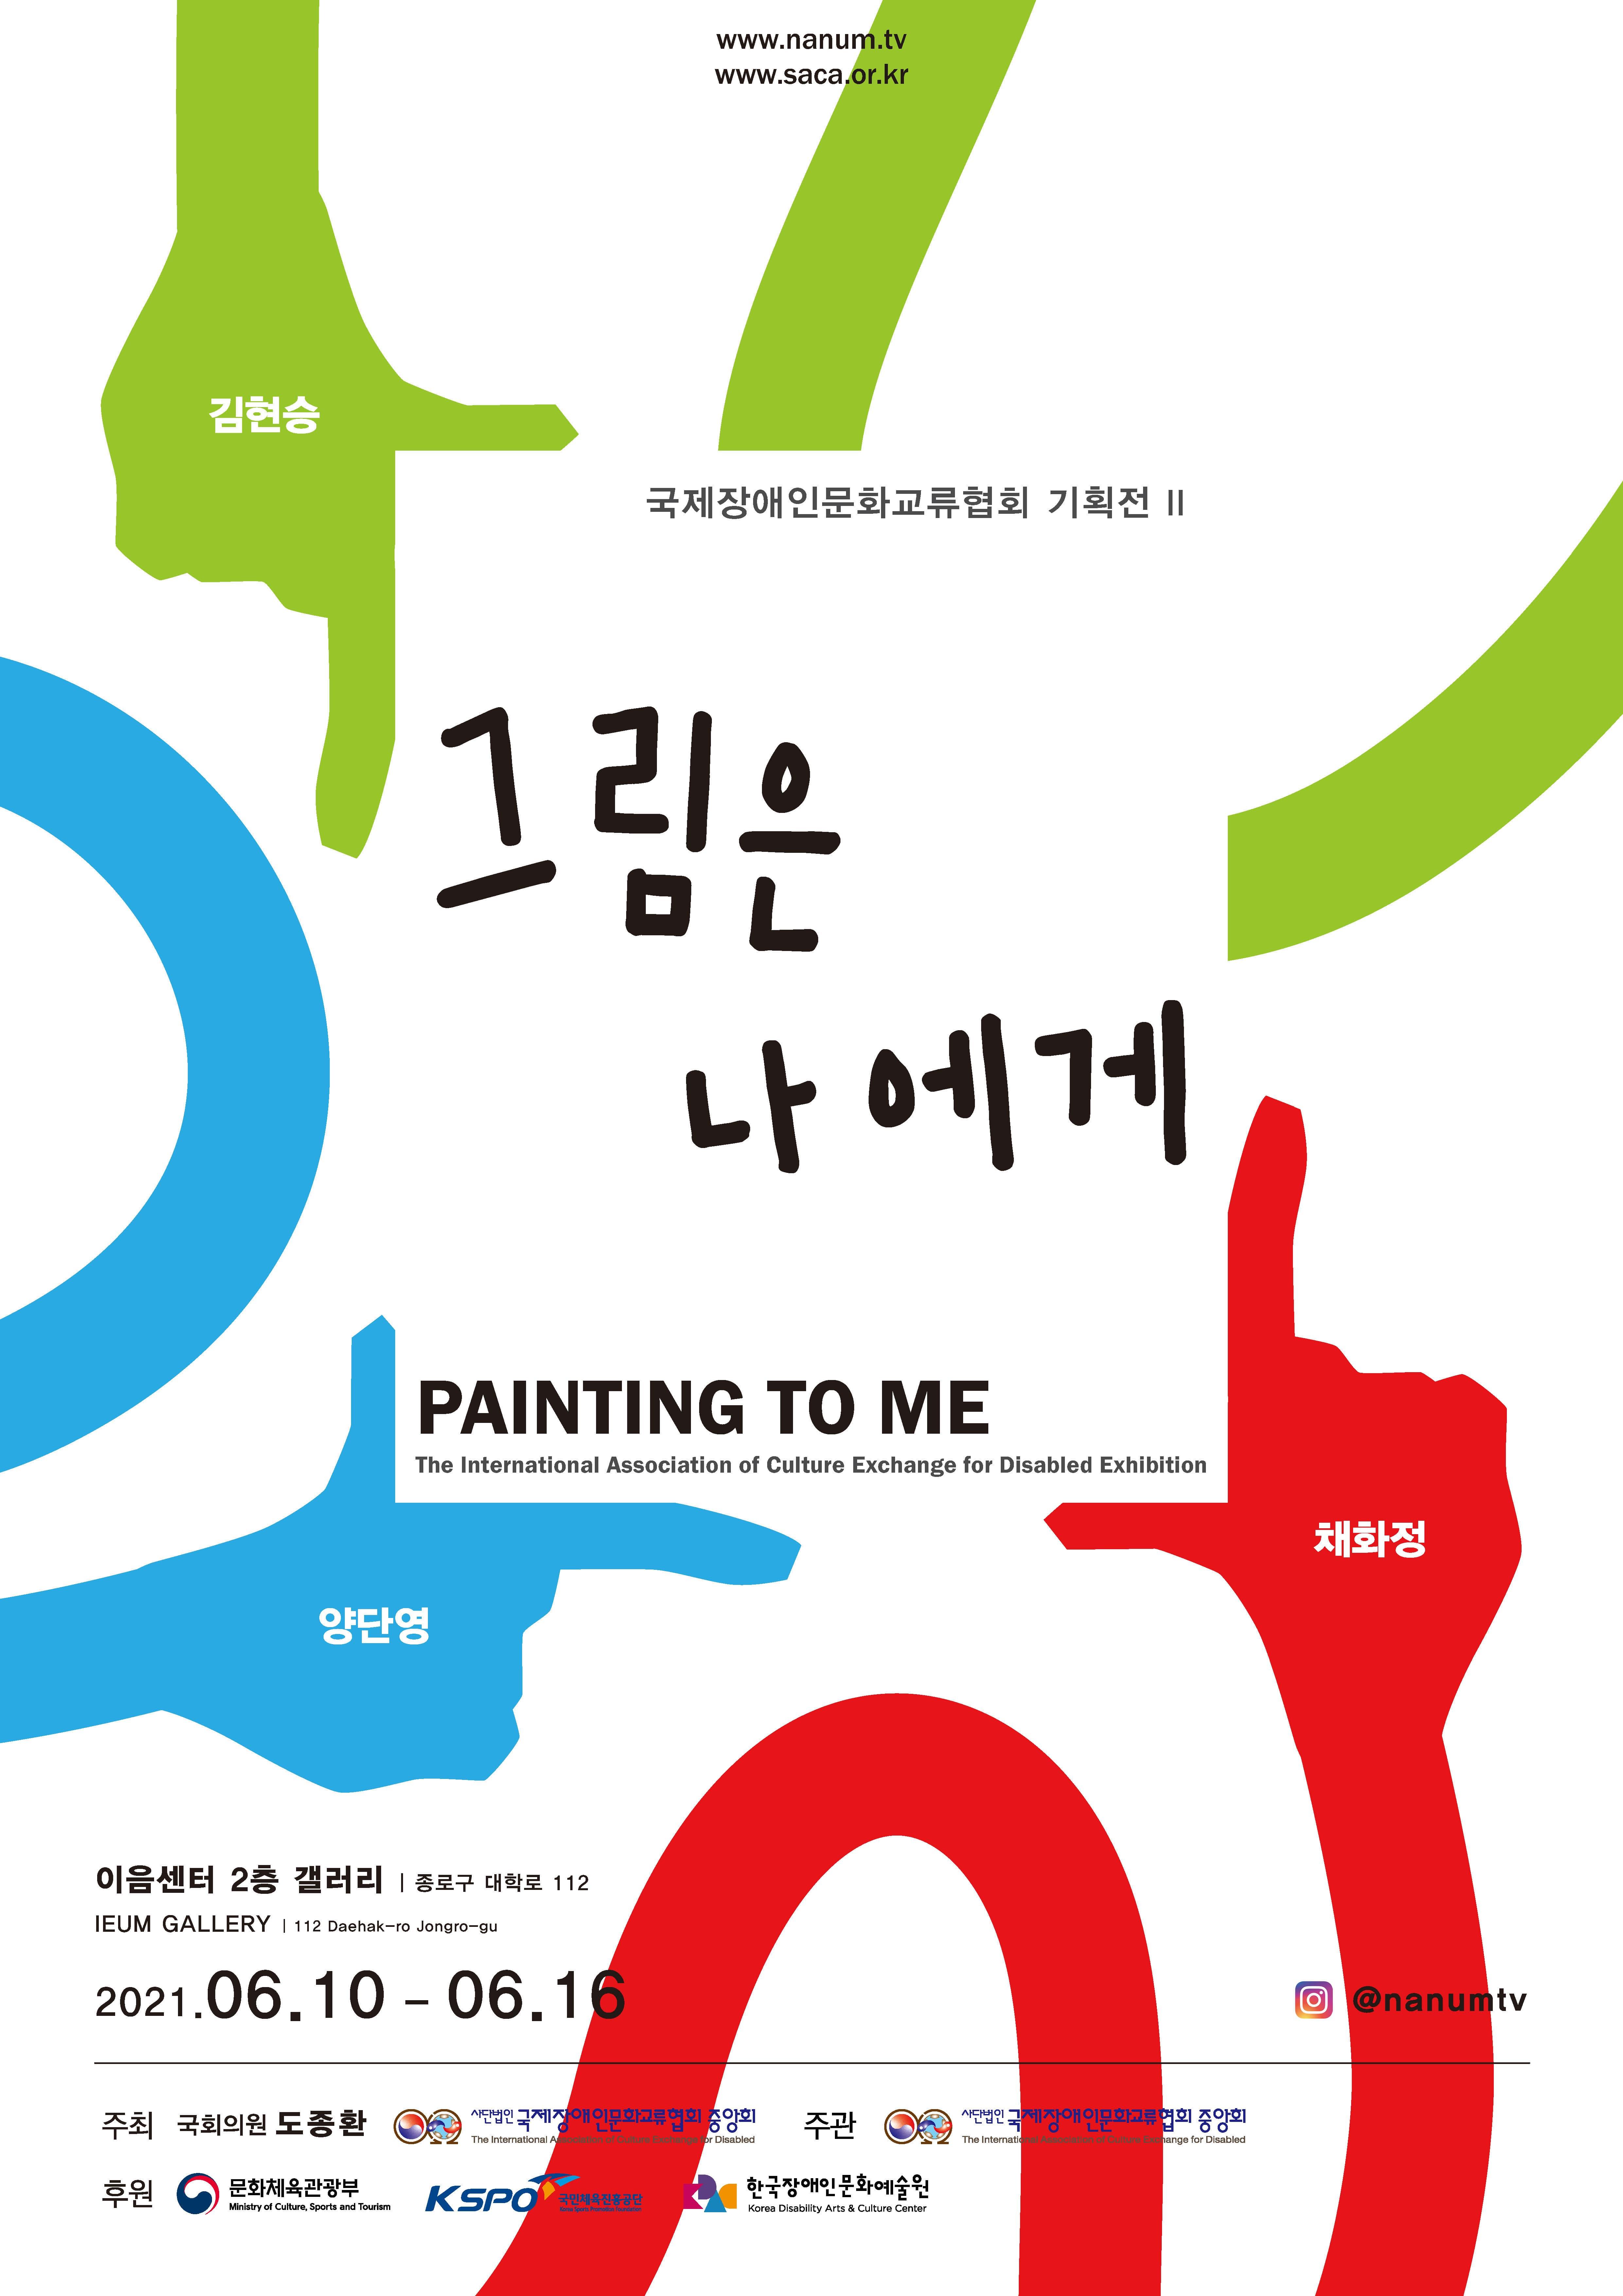 국제장애인문화교류협회 기획전 Ⅱ : 그림은 나에게